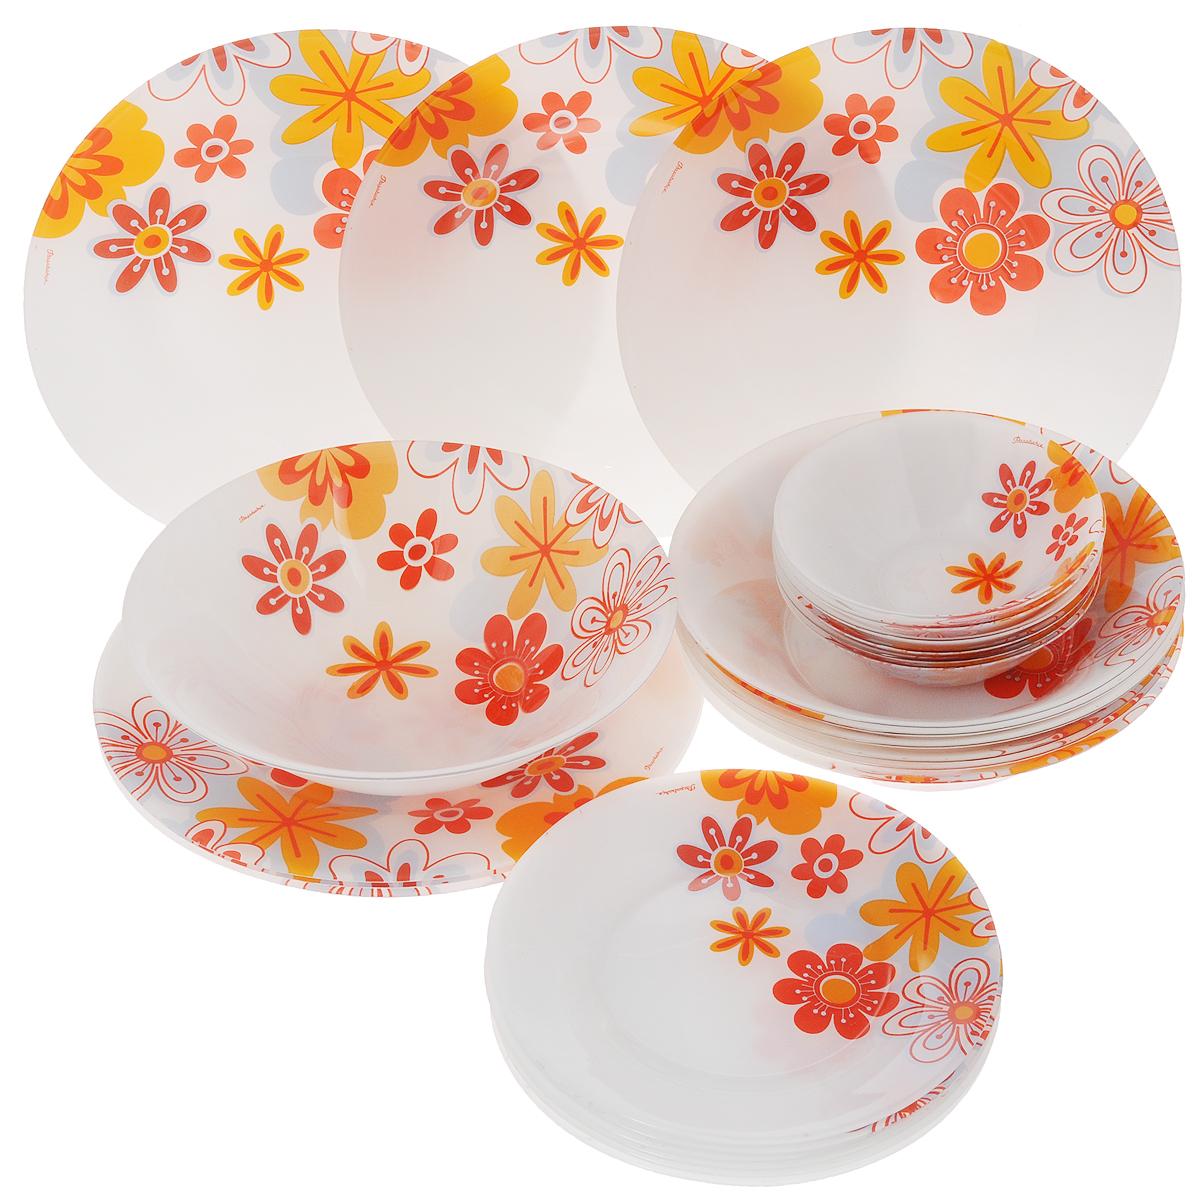 Набор столовой посуды Pasabahce Workshop Summer, 25 предметов95665BDСтоловый набор Pasabahce Workshop Summer состоит из шести суповых тарелок, шести десертных тарелок, шести обеденных тарелок и семи салатников. Предметы набора выполнены из натрий-кальций-силикатного стекла, благодаря чему посуда будет использоваться очень долго, при этом сохраняя свой внешний вид. Предметы набора имеют повышенную термостойкость. Набор создаст отличное настроение во время обеда, будет уместен на любой кухне и понравится каждой хозяйке. Красочное оформление предметов набора придает ему оригинальность и торжественность. Практичный и современный дизайн делает набор довольно простым и удобным в эксплуатации.Предметы набора можно мыть в посудомоечной машине.Диаметр суповой тарелки: 22 см.Высота стенок суповой тарелки: 5 см.Диаметр обеденной тарелки: 26 см.Высота обеденной тарелки: 2 см.Диаметр десертной тарелки: 20 см.Высота десертной тарелки: 1,5 см.Диаметр большого салатника: 23 см.Высота стенок большого салатника: 6,5 см.Диаметр малого салатника: 14 см.Высота стенок салатника: 4,5 см.